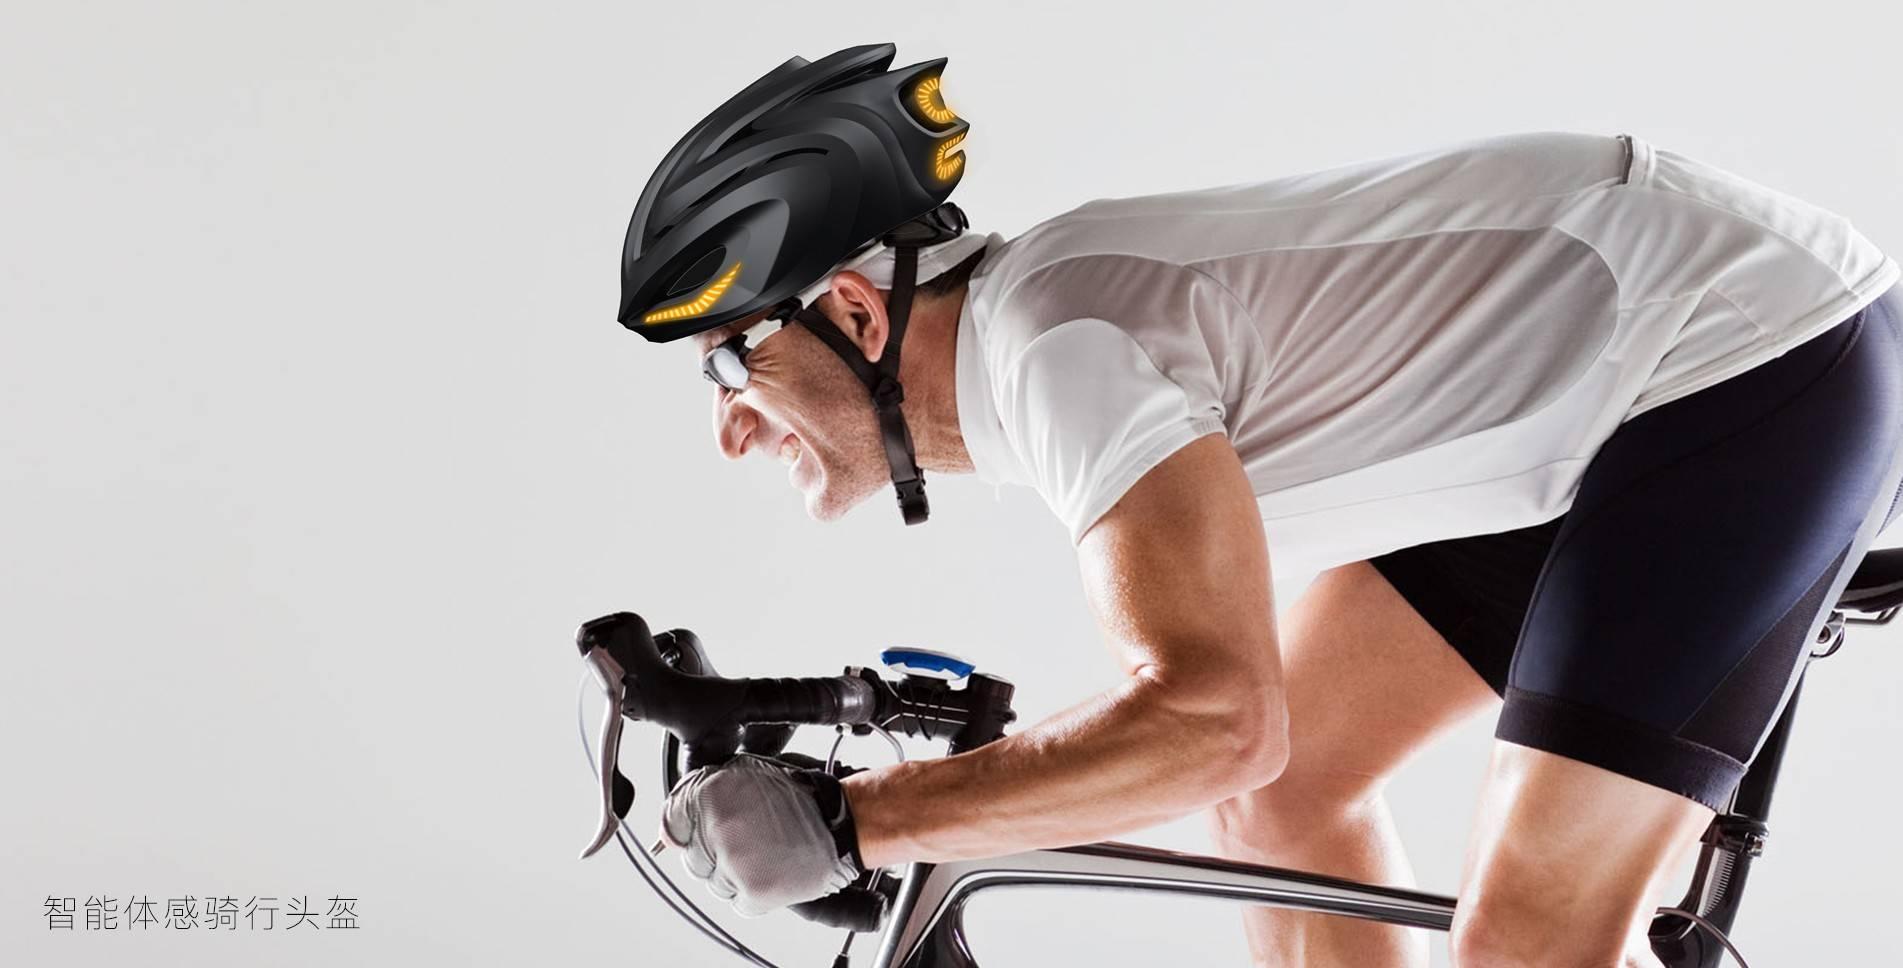 骑行头盔设计